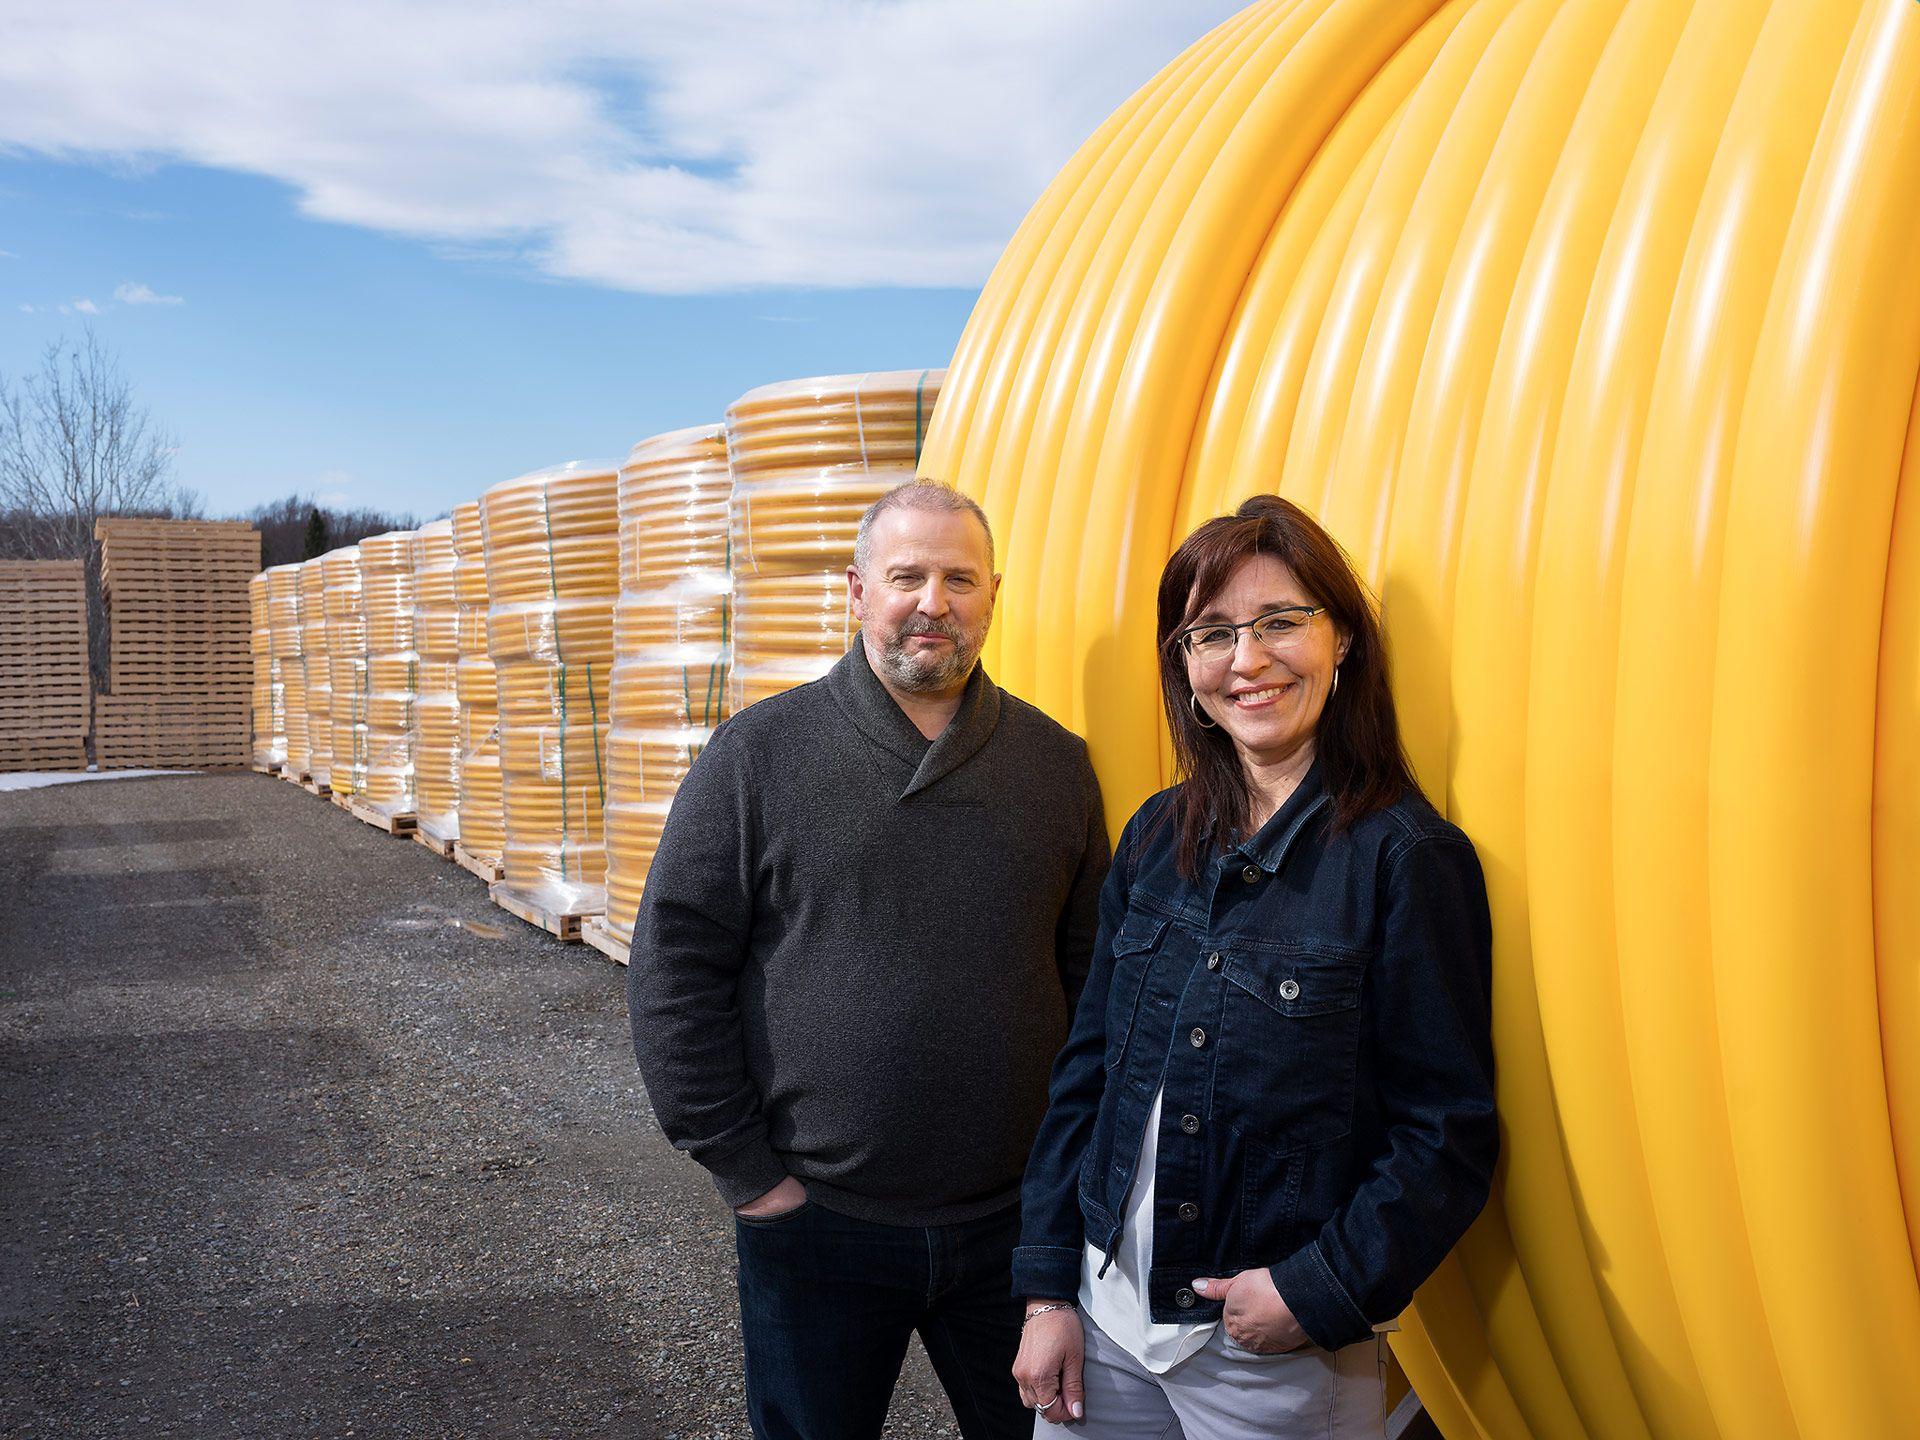 Deux fondateurs de l'entreprise de tuyaux Versaprofiles posant contre leur matériel à l'extérieur.